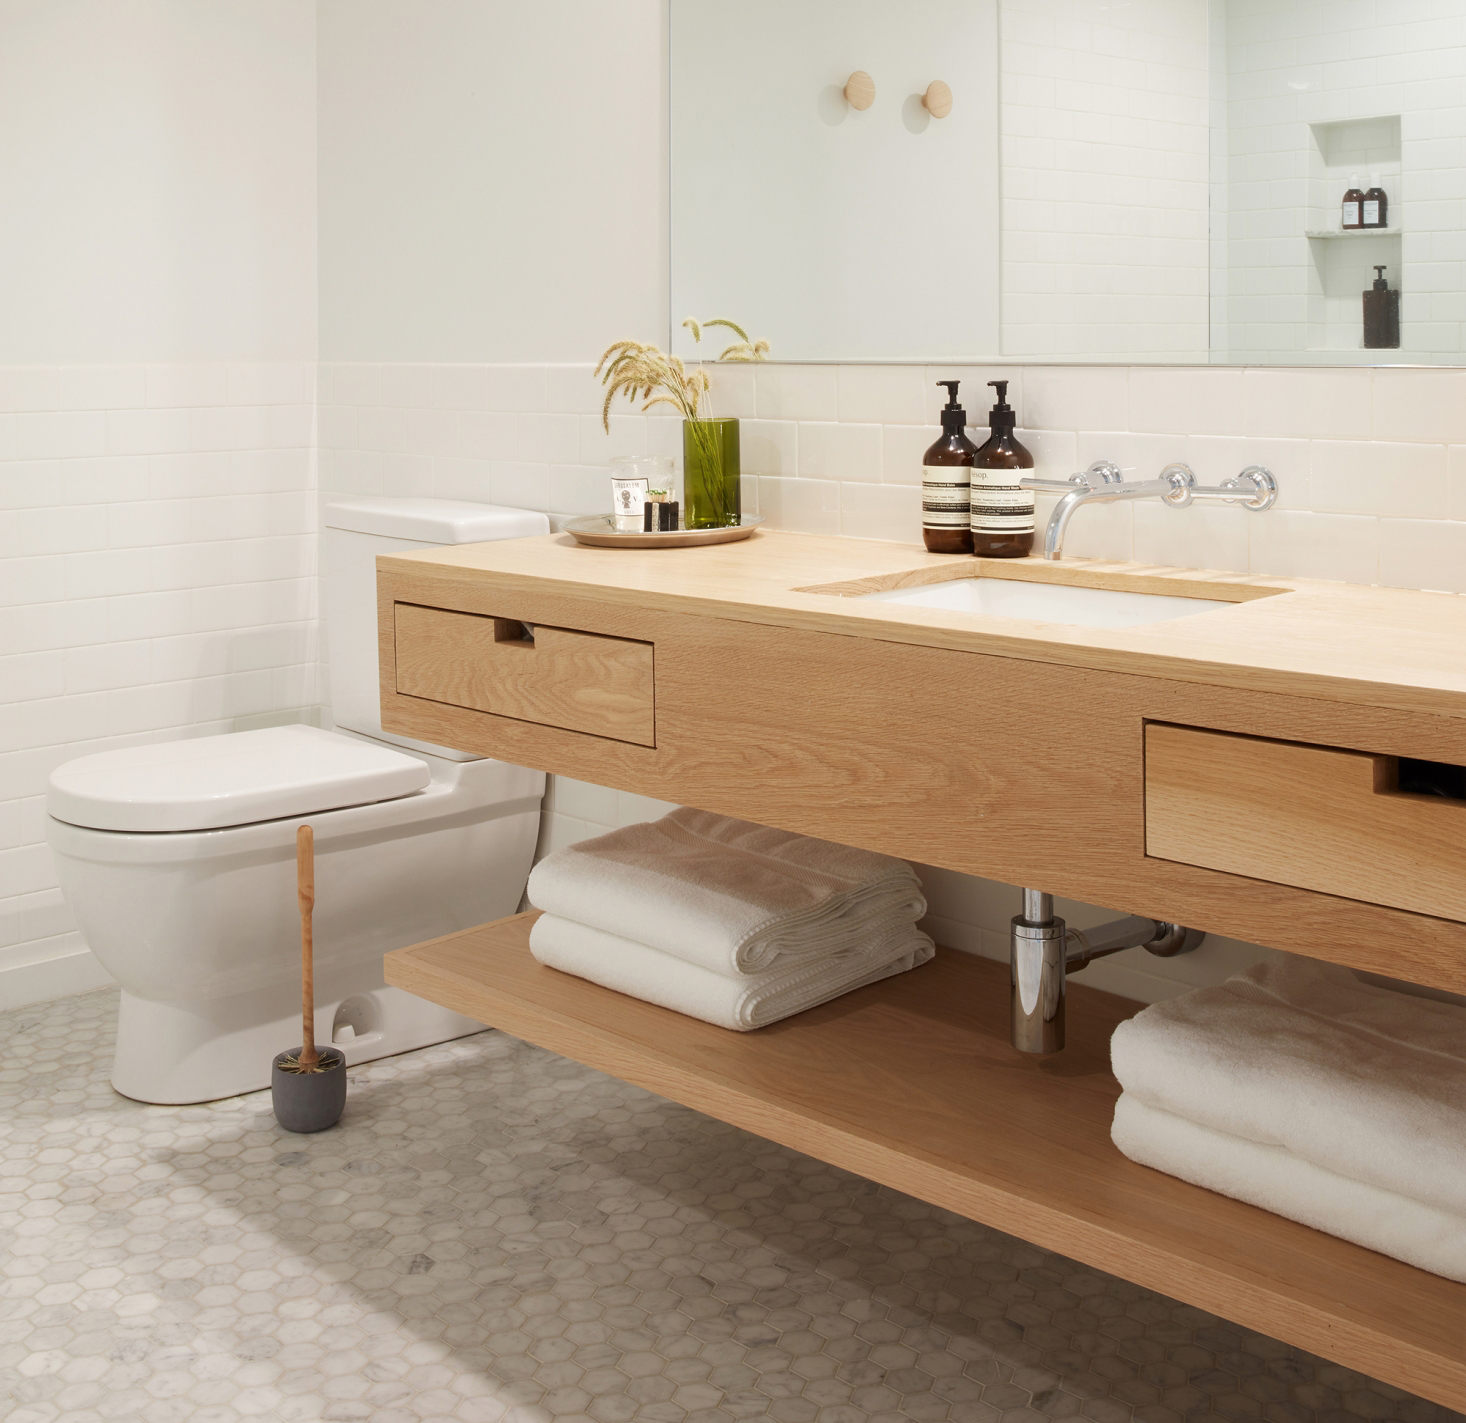 mooie toiletborstel desinfecteren